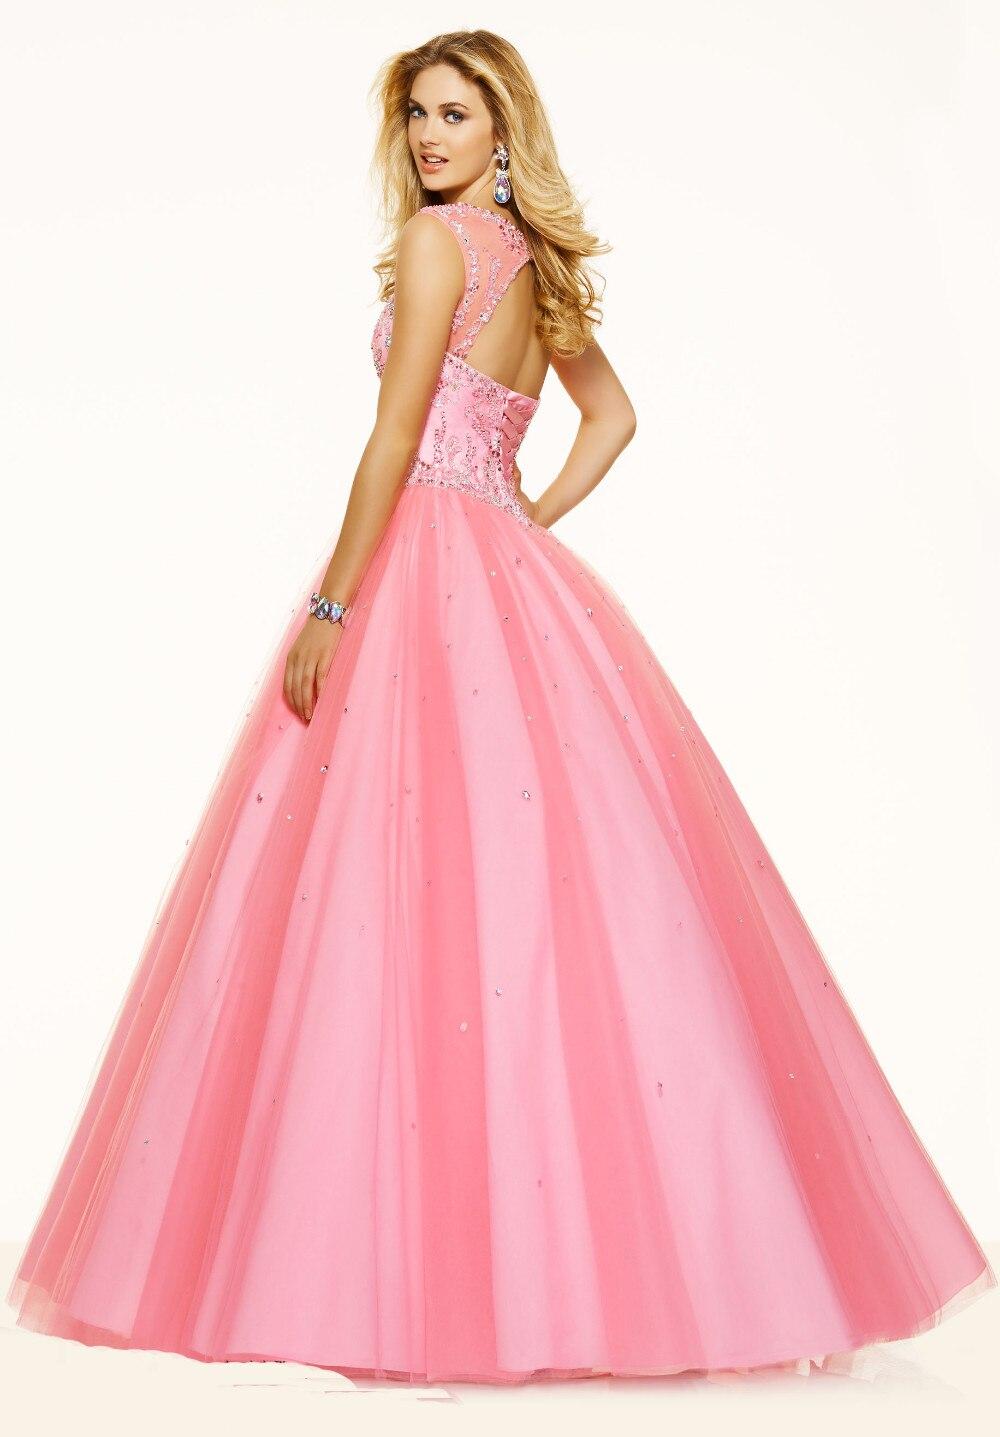 Ausgezeichnet Prom Kleider In Jackson Ms Bilder - Hochzeit Kleid ...